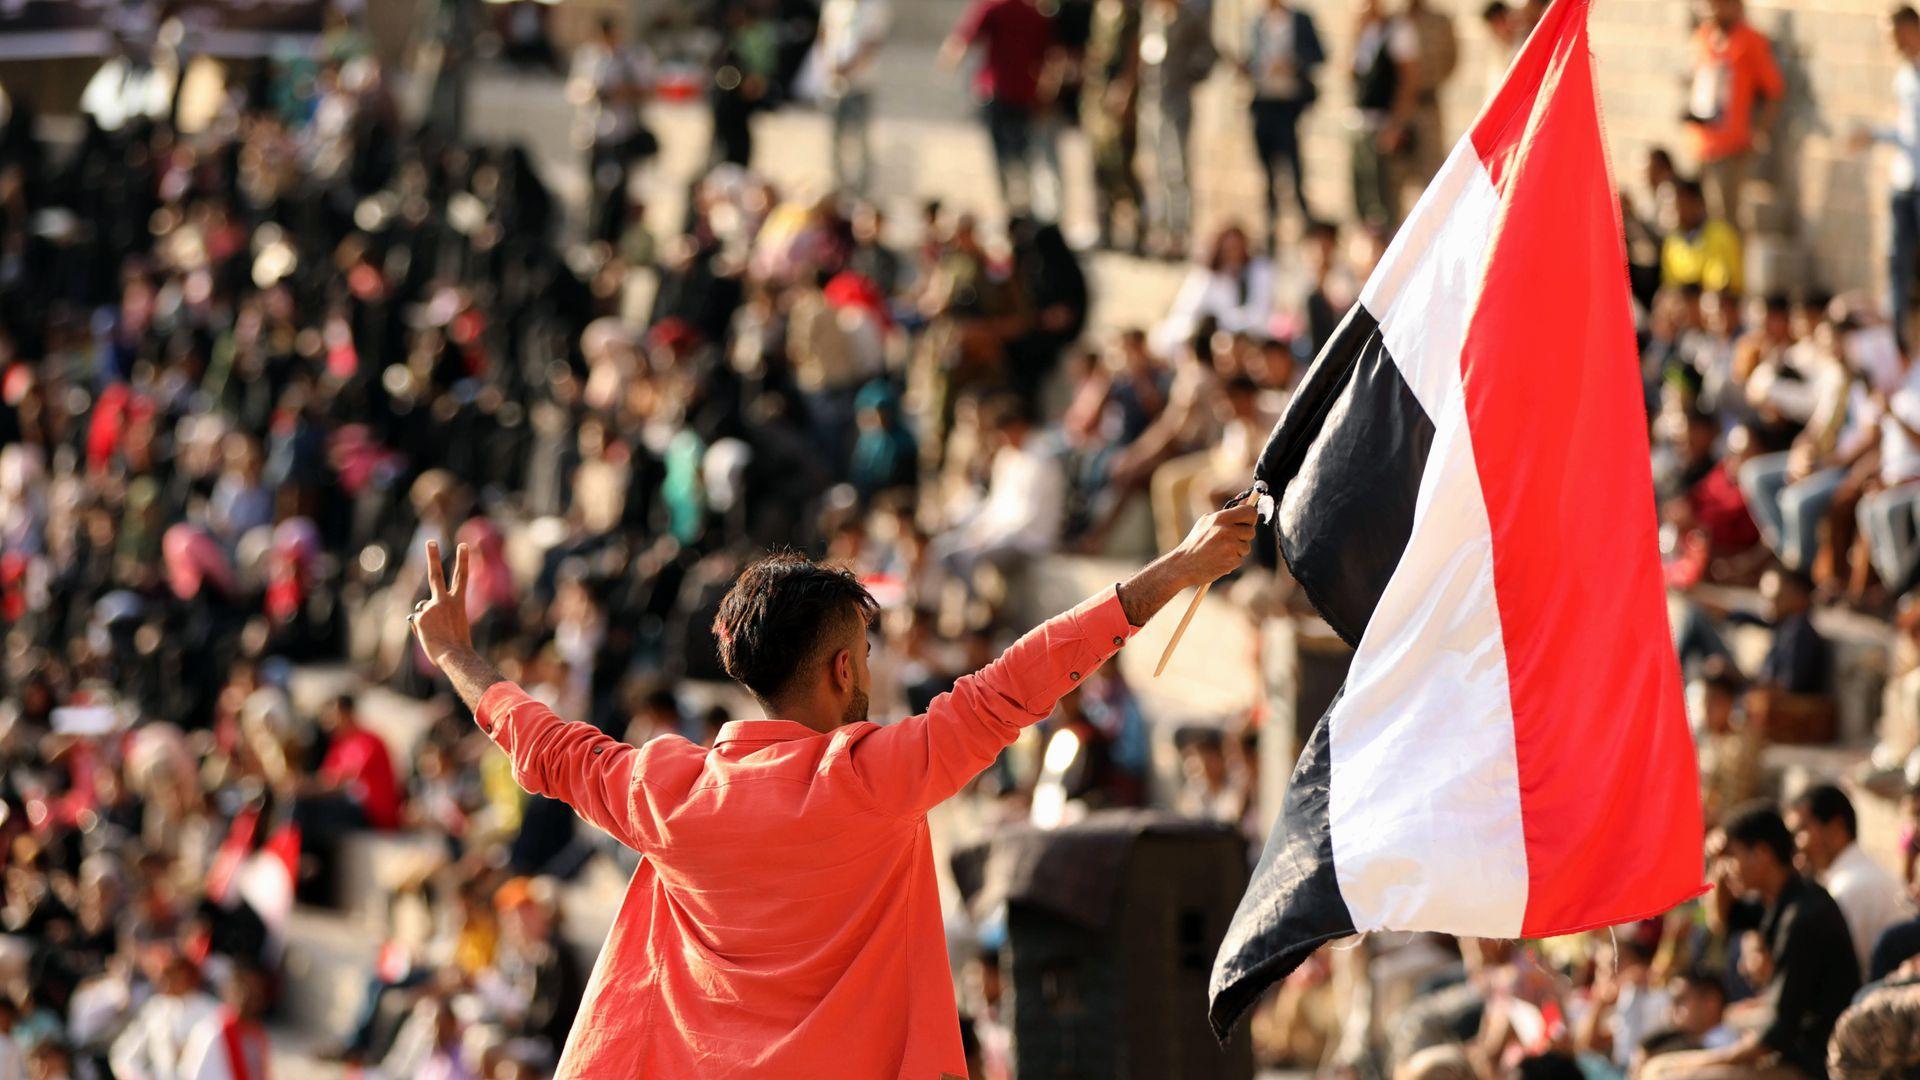 Man holding Yemeni flag